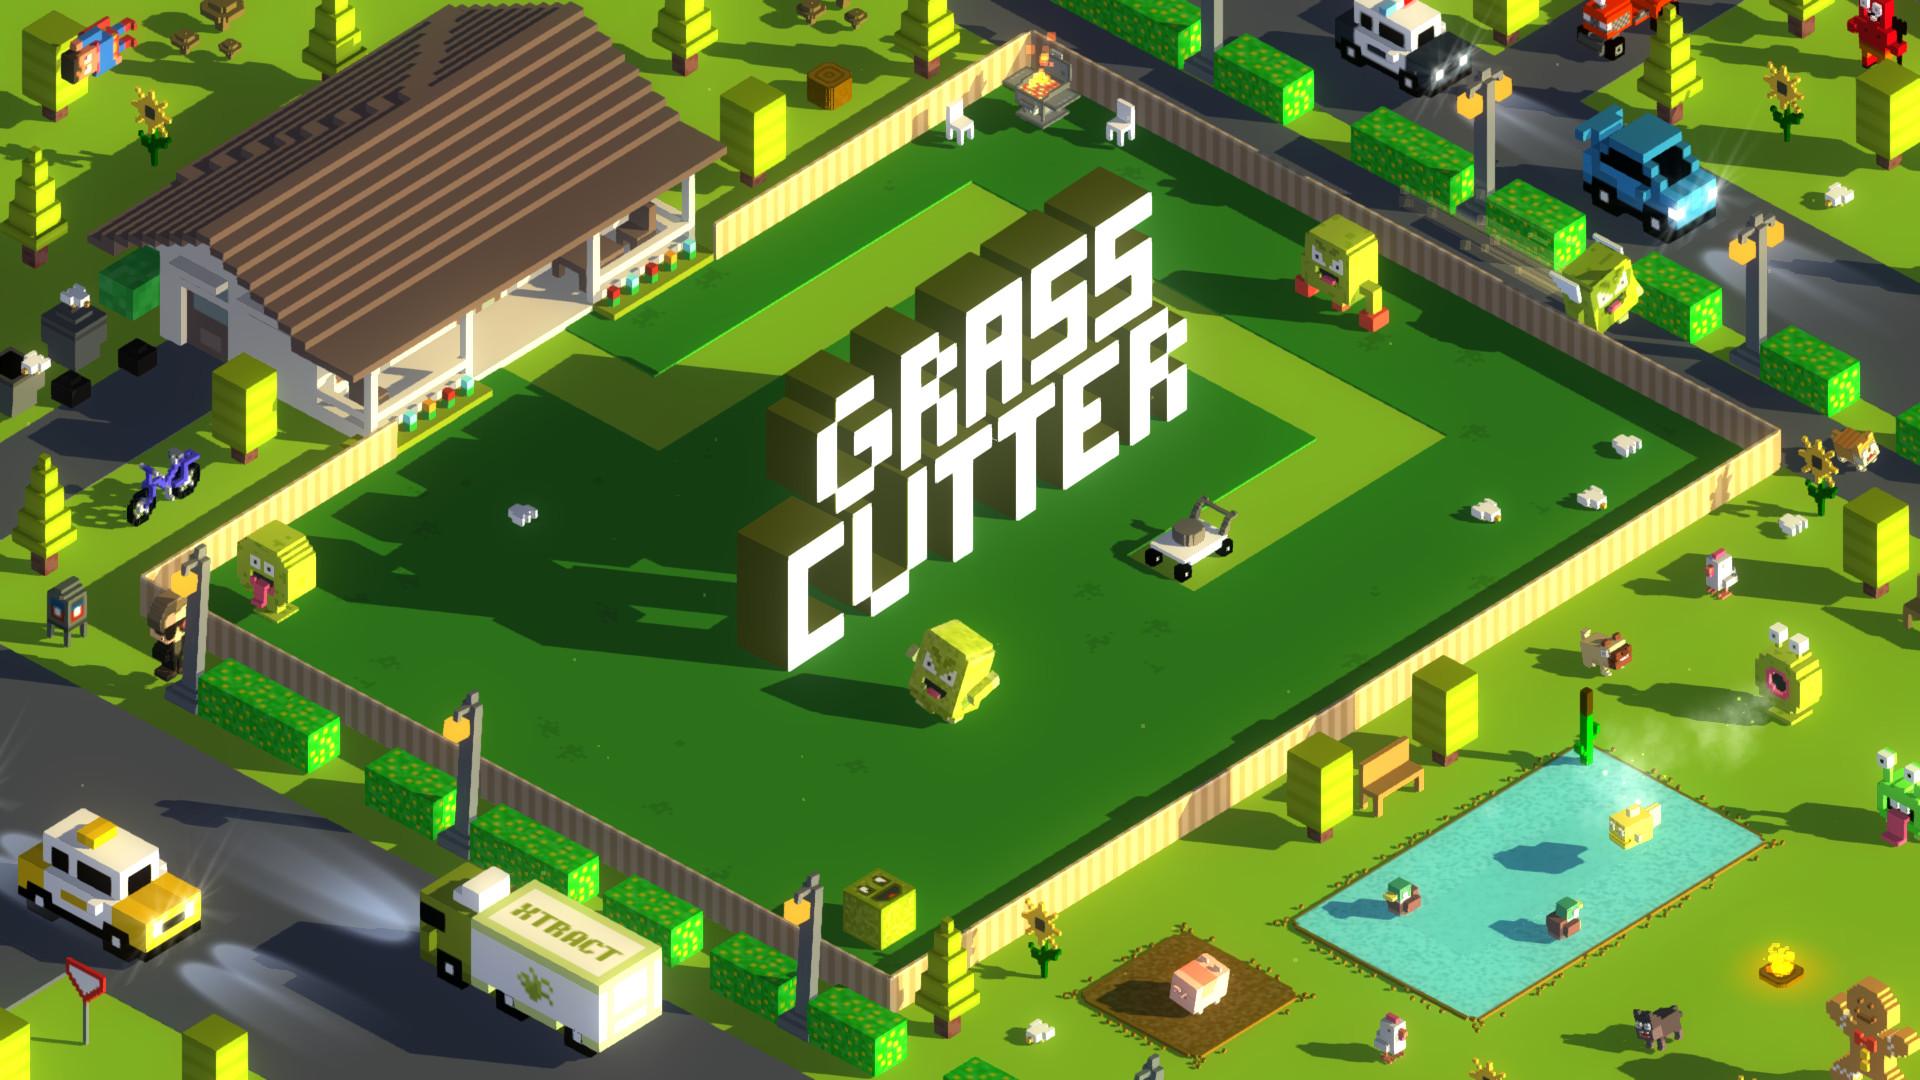 Grass Cutter screenshot